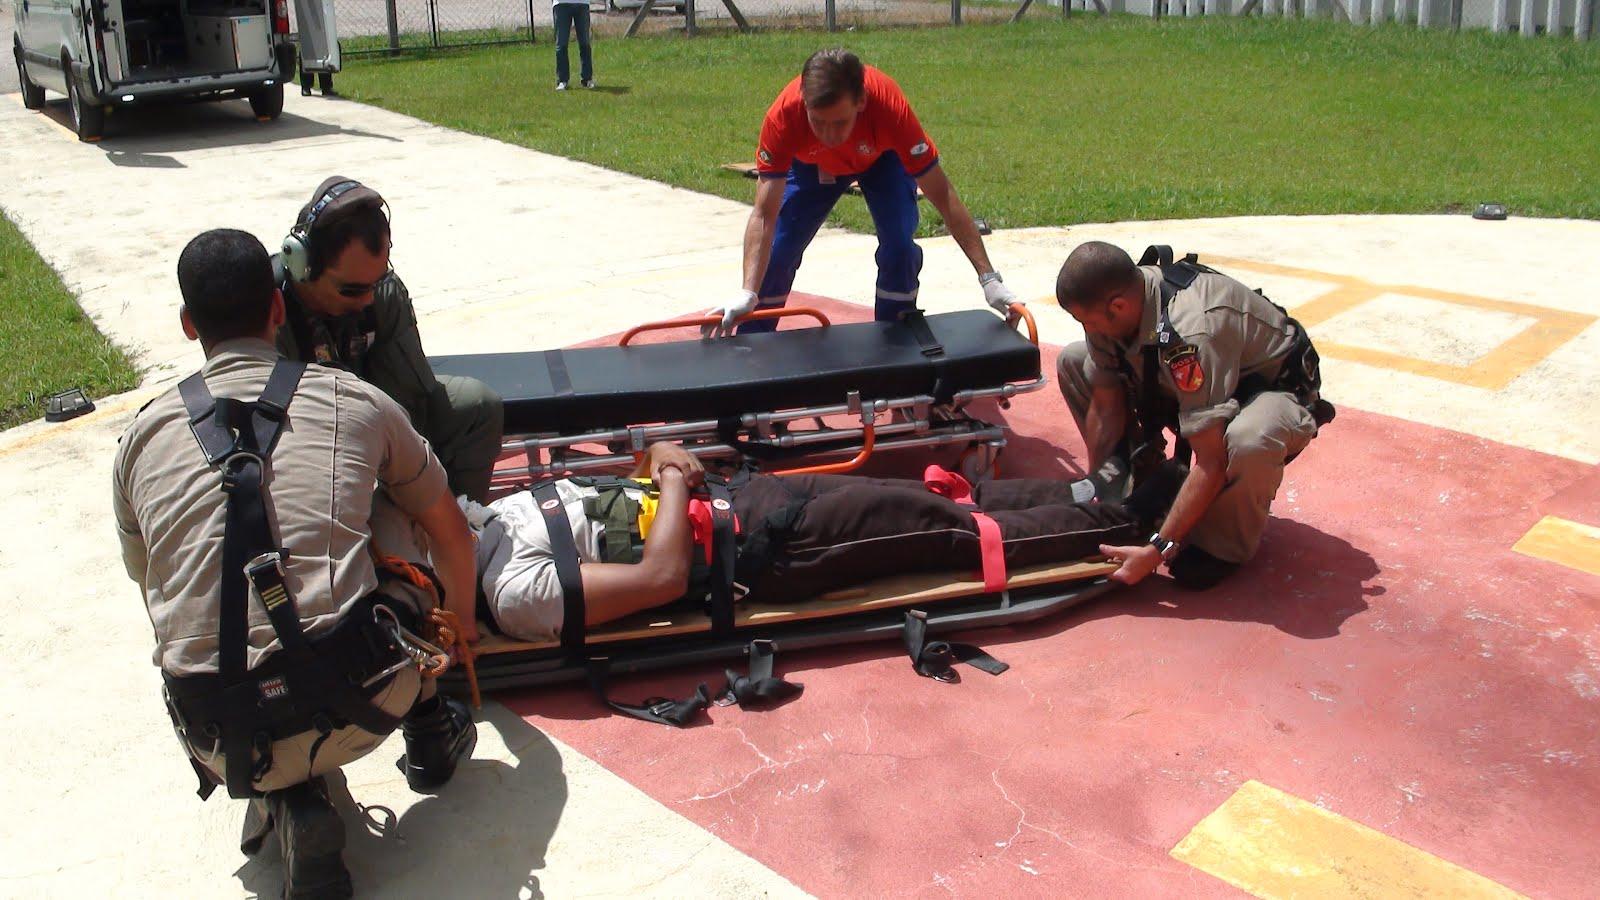 A vítima, de 23 anos, estava com contusão lombar e pélvica, sendo removido ao Hospital Angelina Caron em Campina Grande do Sul-PR. A integração entre estes órgãos possibilitou que fosse atendida a vítima de maneira ágil e especializada, contribuindo para a recuperação do ferido.